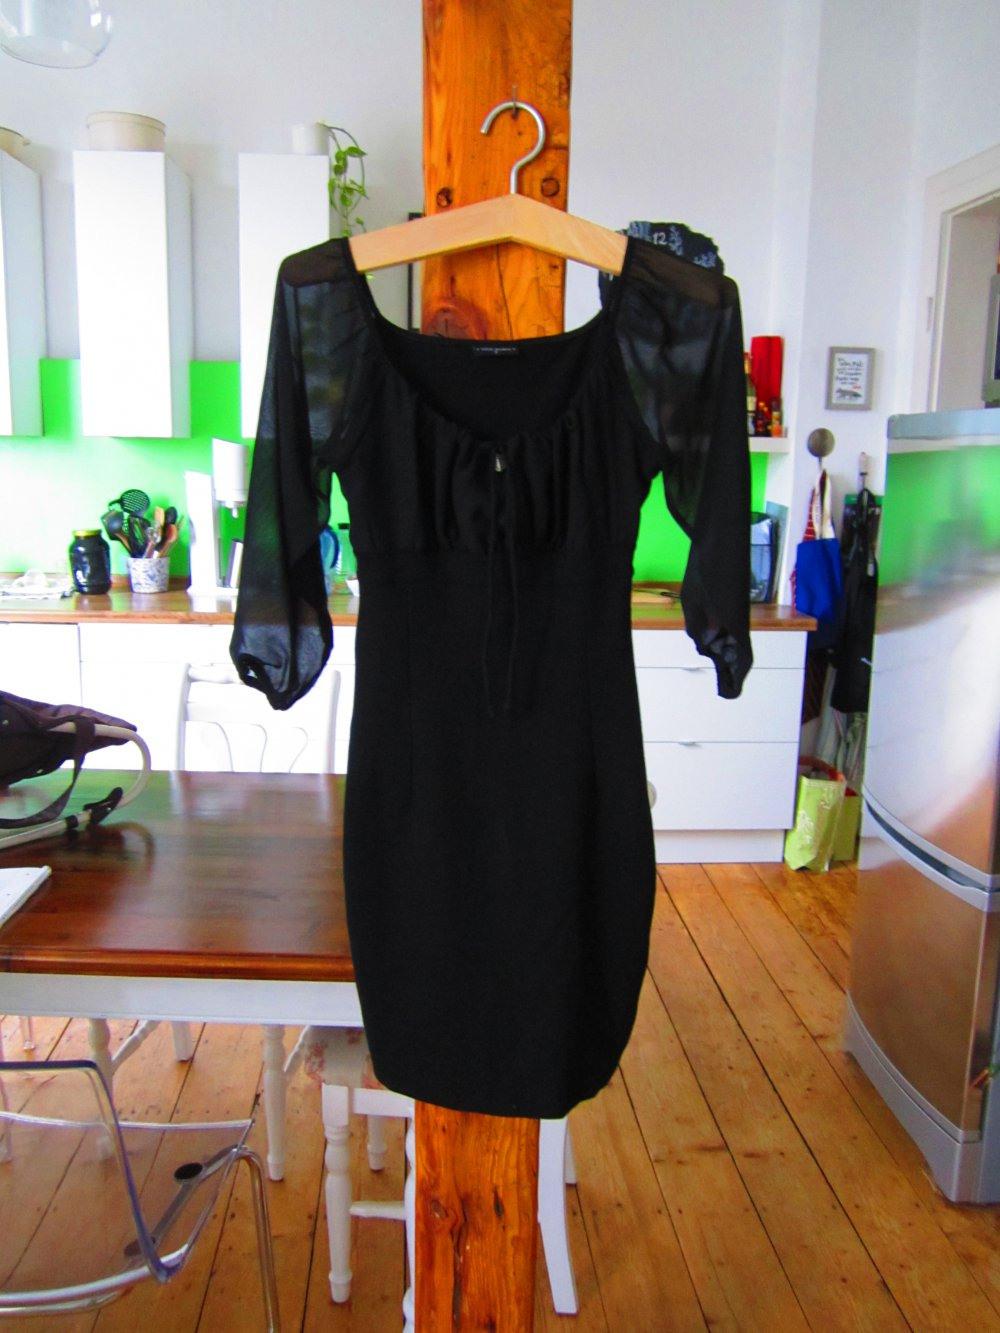 17 Coolste Schöne Kleider Für Festliche Anlässe Stylish Schön Schöne Kleider Für Festliche Anlässe Vertrieb